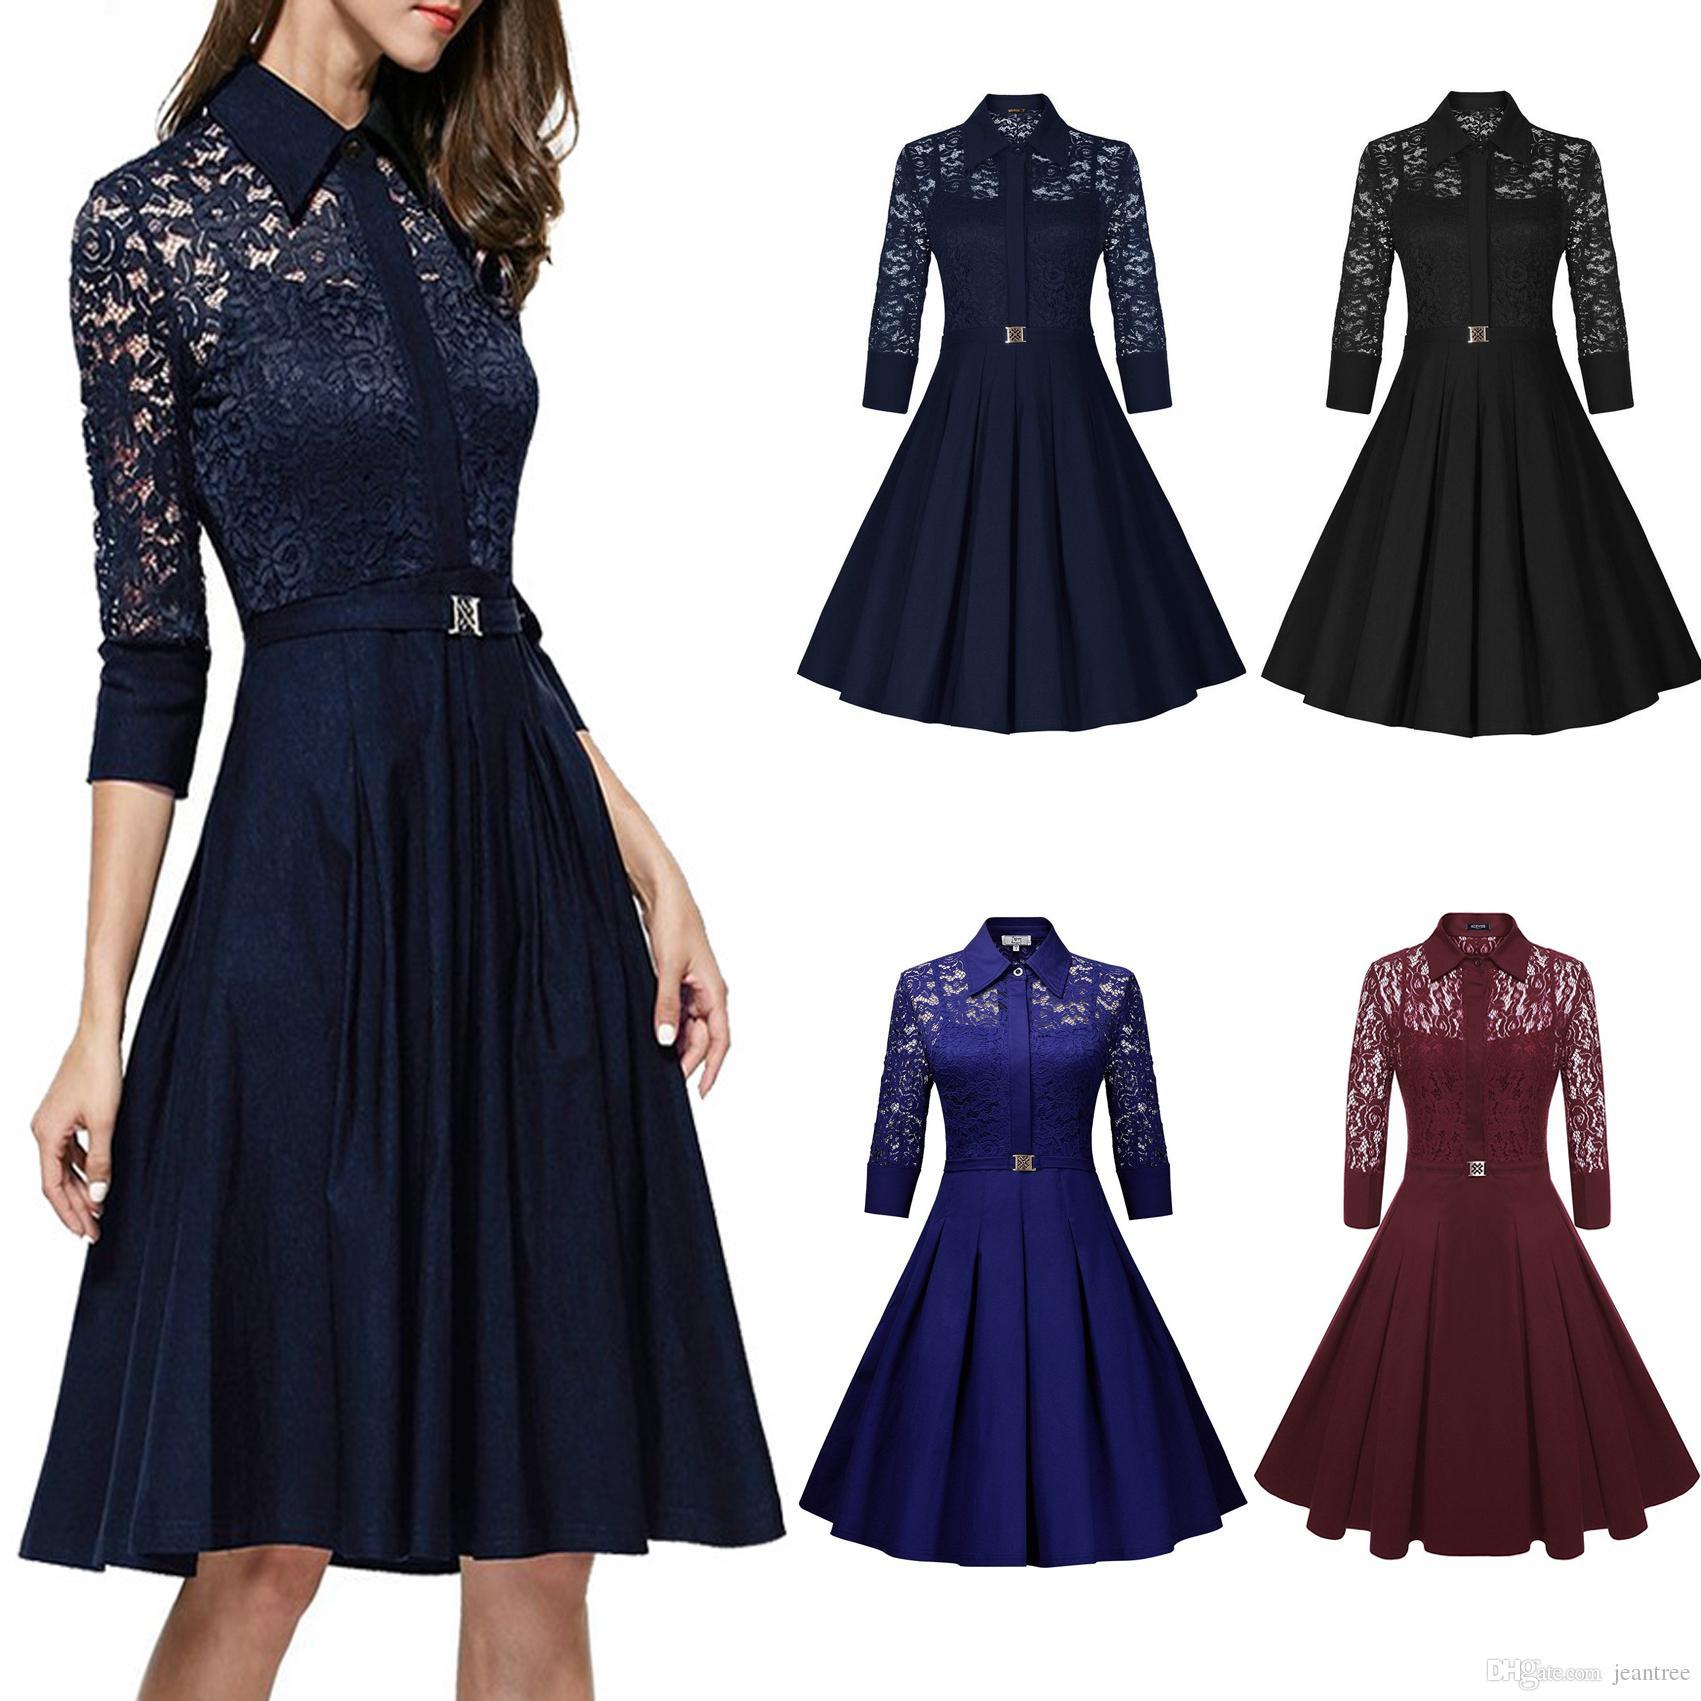 Berühmt Kleid Für Partei Bilder - Hochzeit Kleid Stile Ideen ...